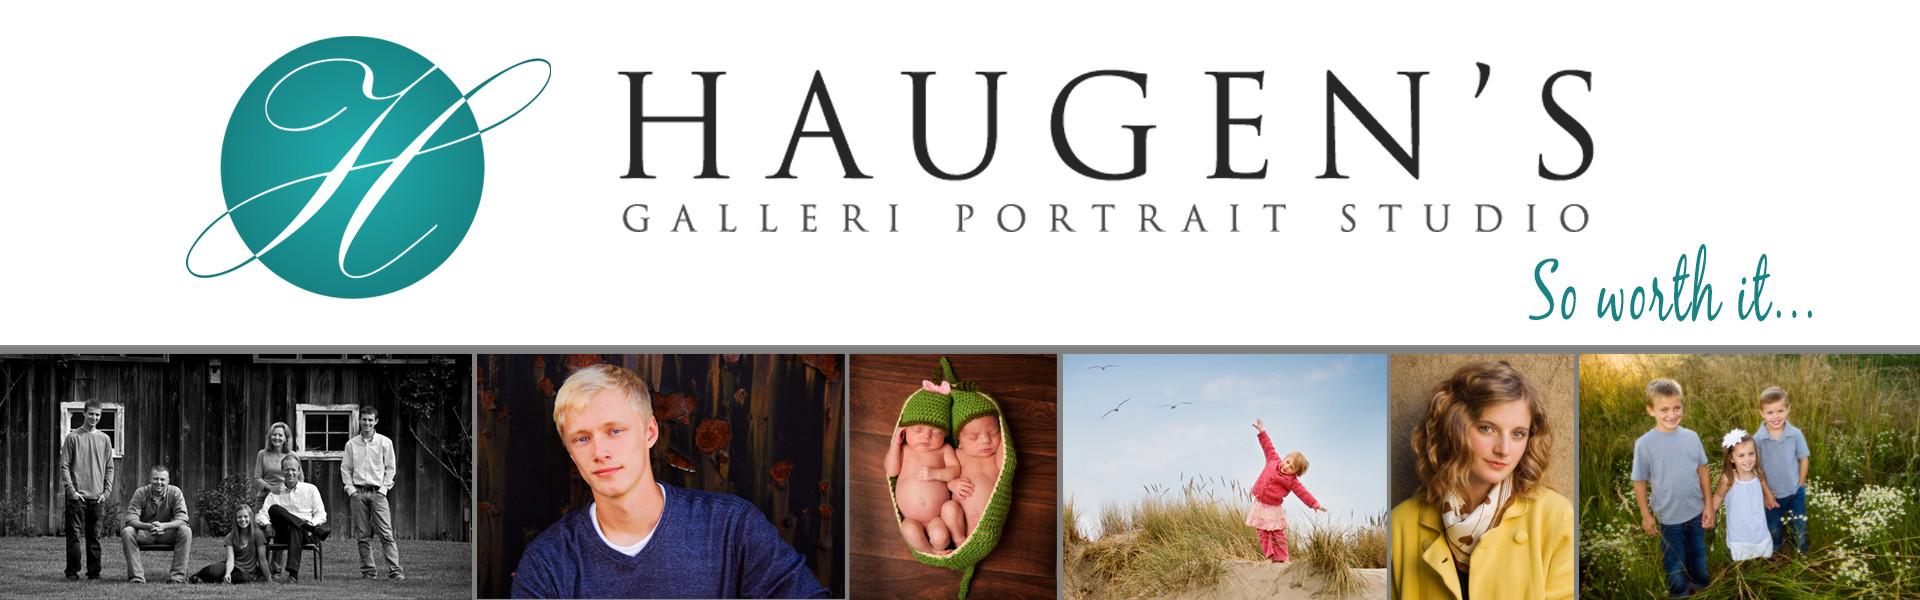 Haugen's Galleri